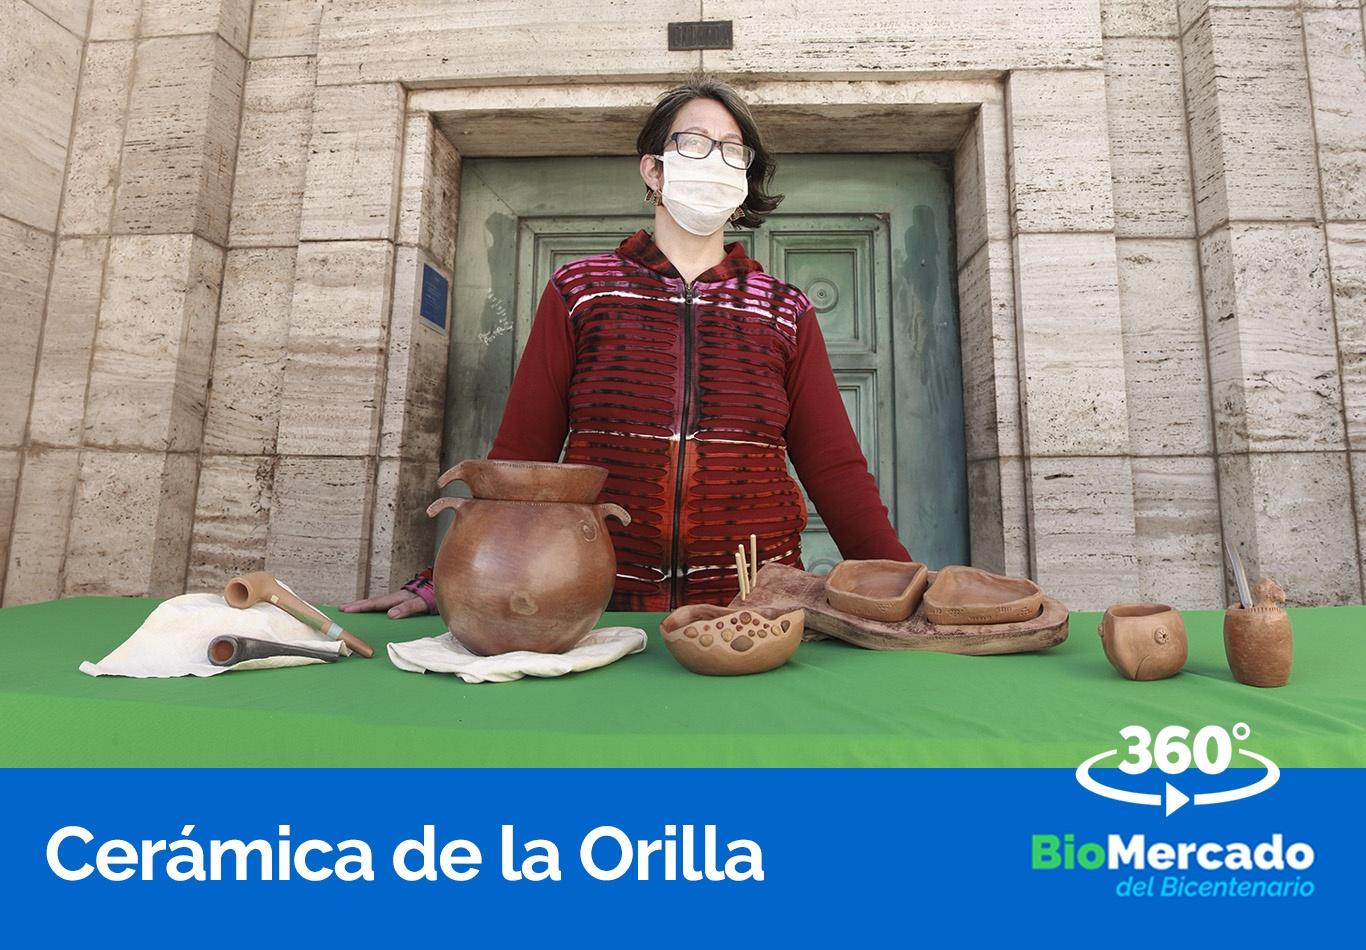 Modelo BioMercado Ceramica de la orilla